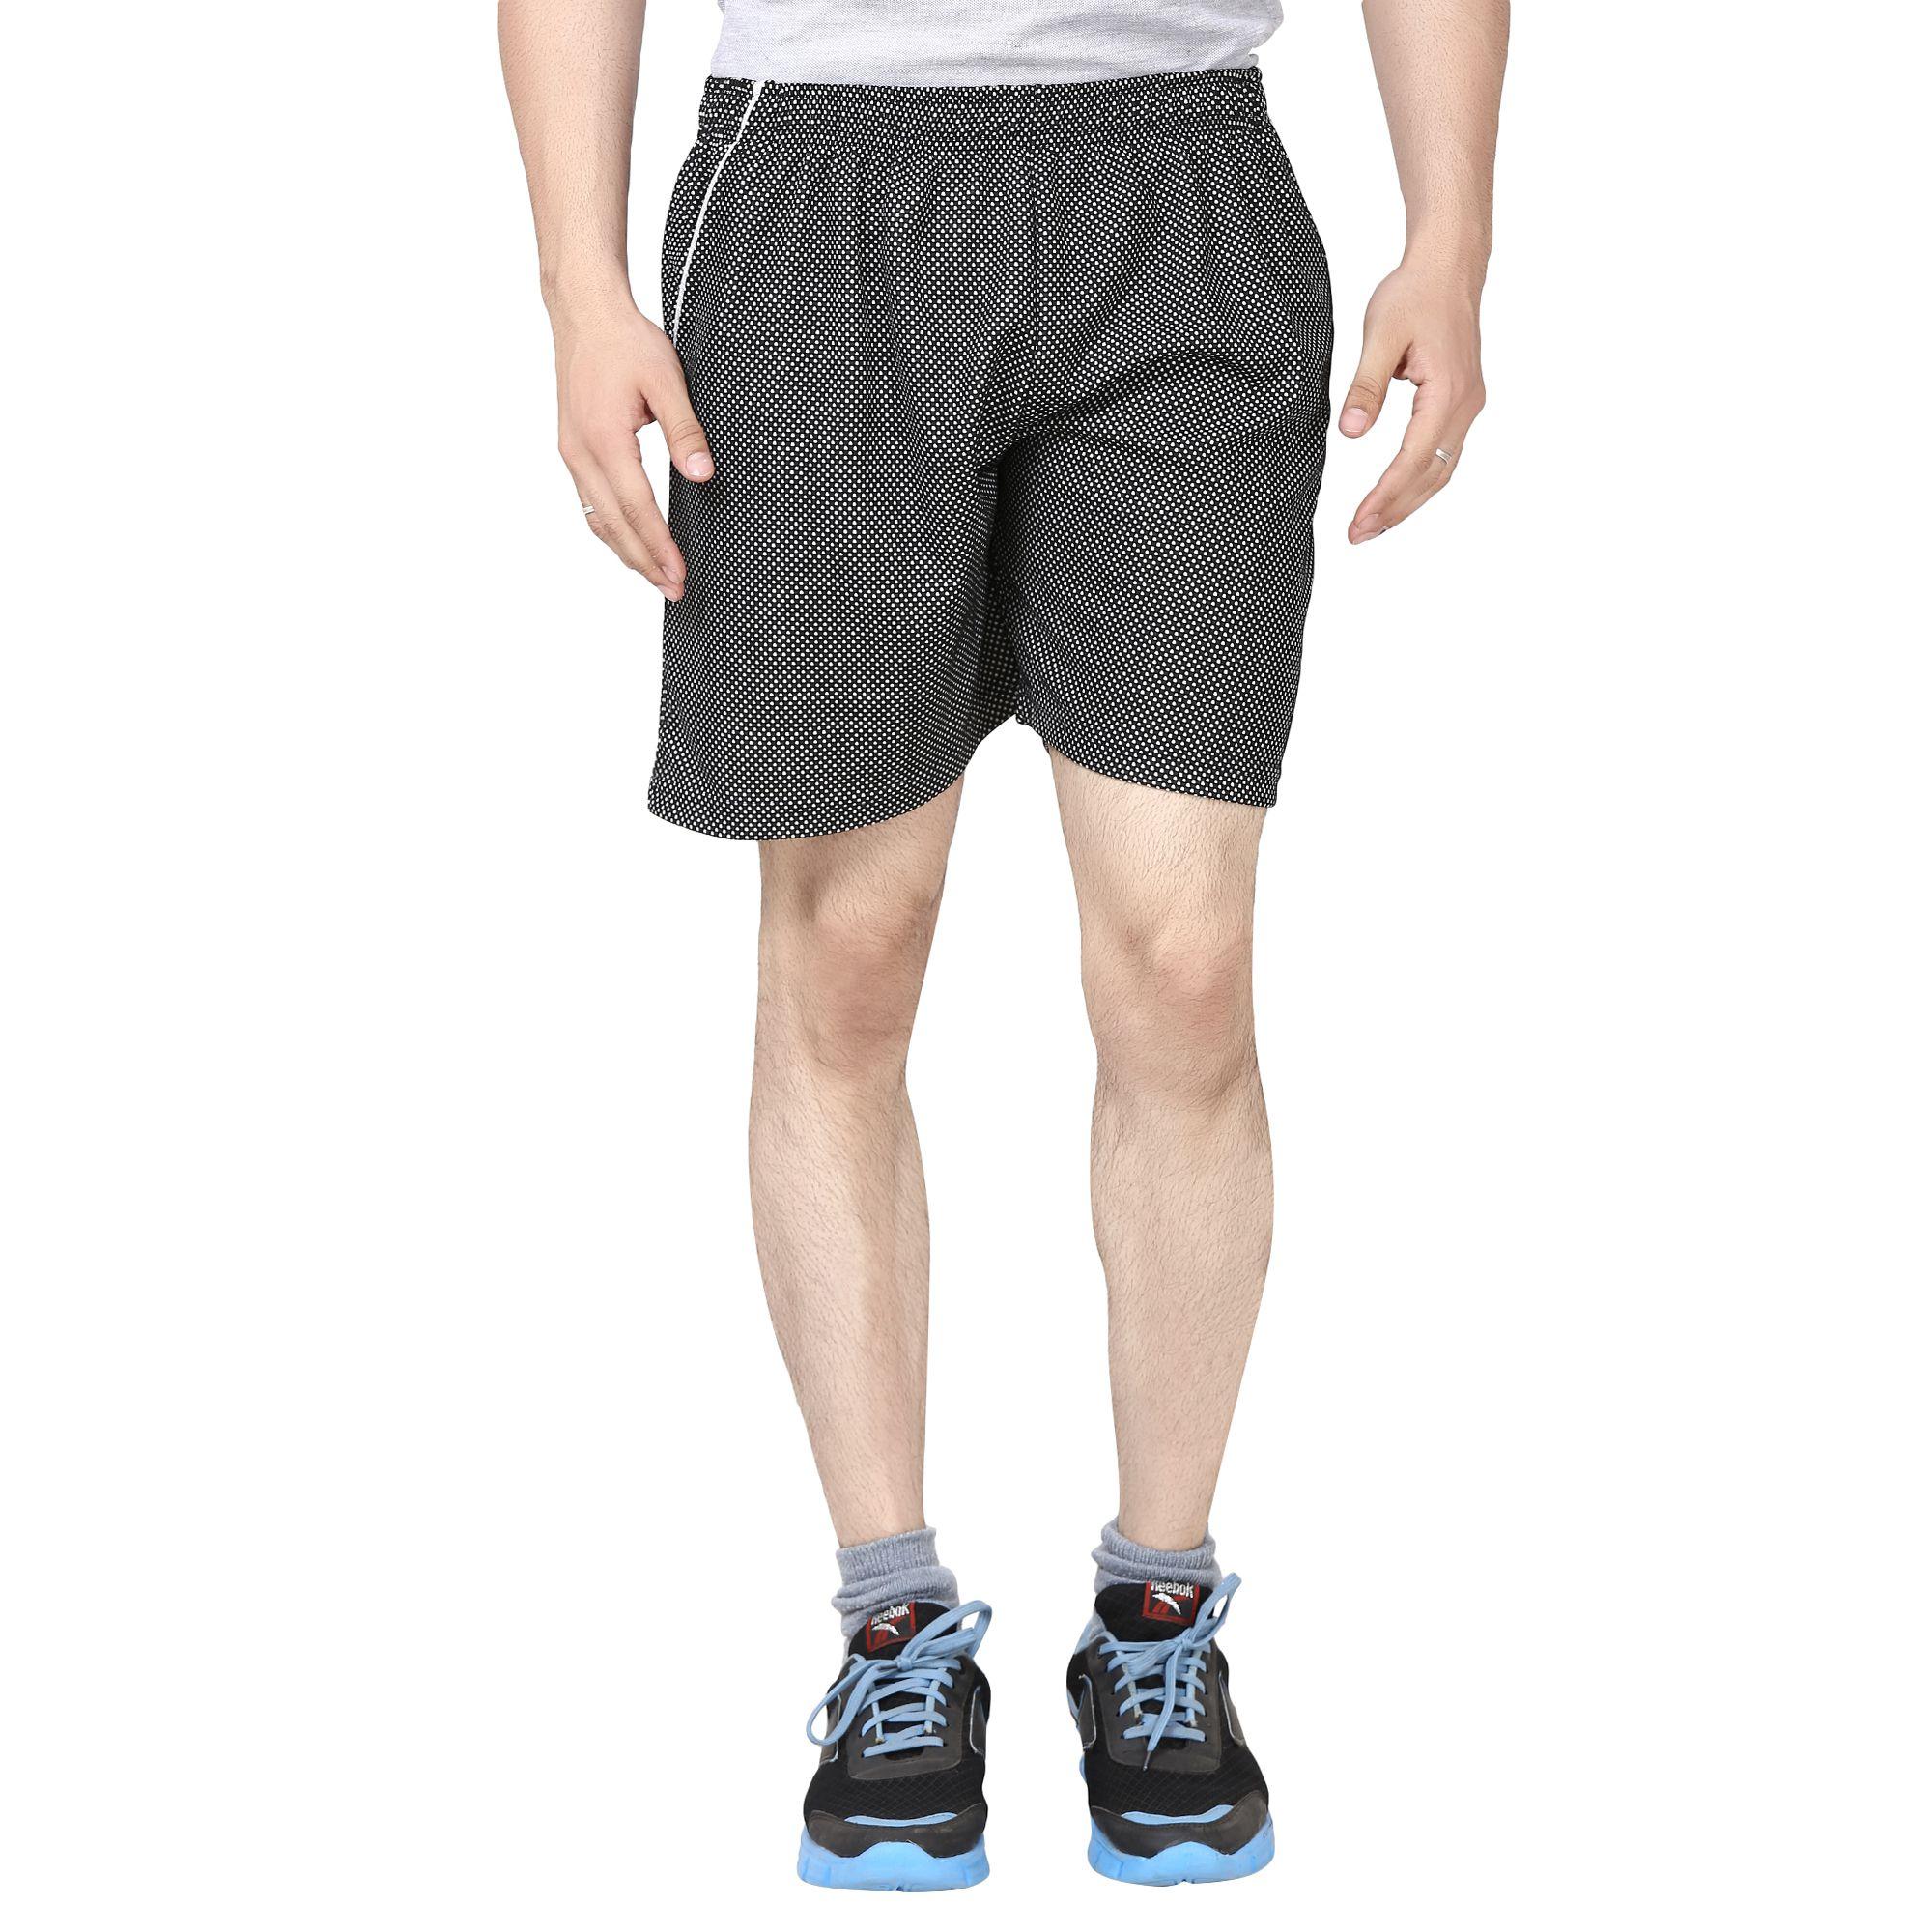 Akaas Black Shorts